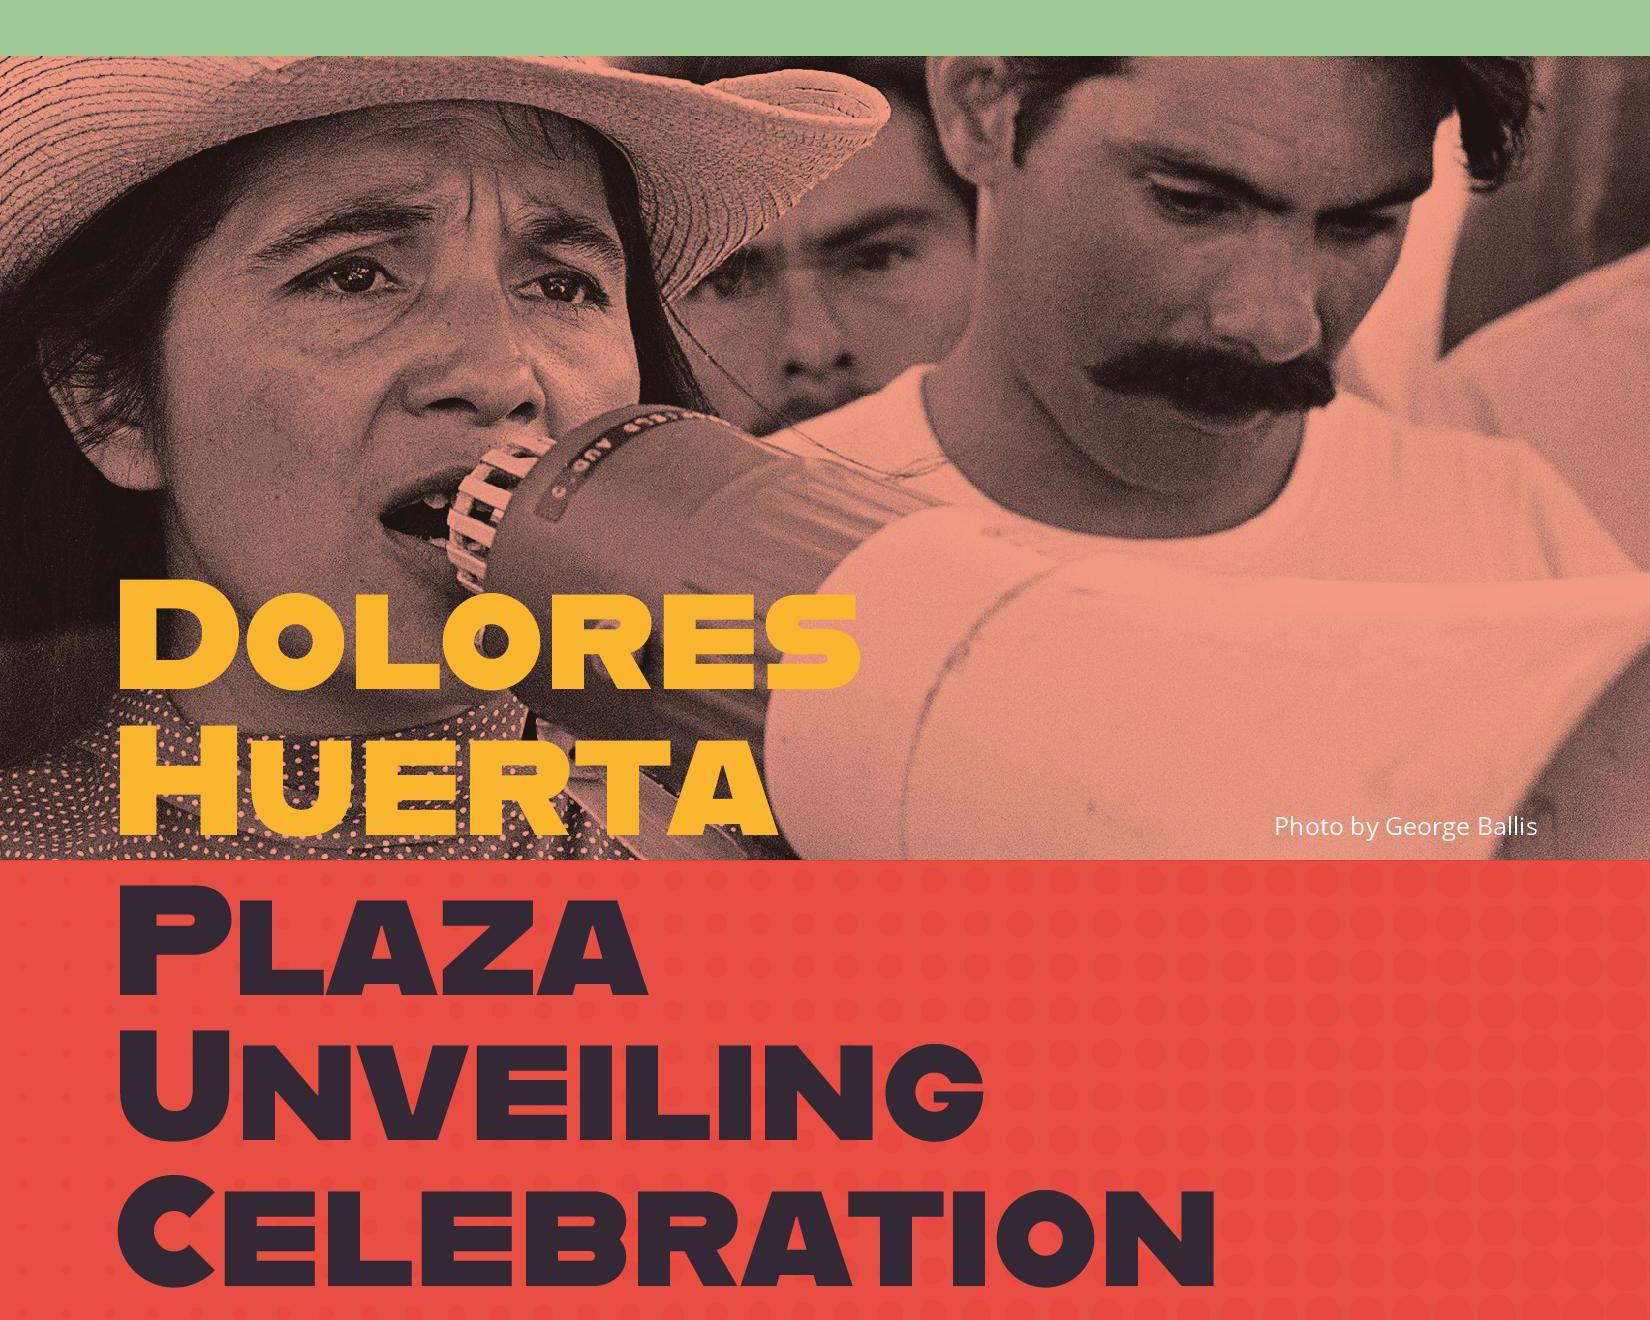 Dolores Huerta Plaza Celebration